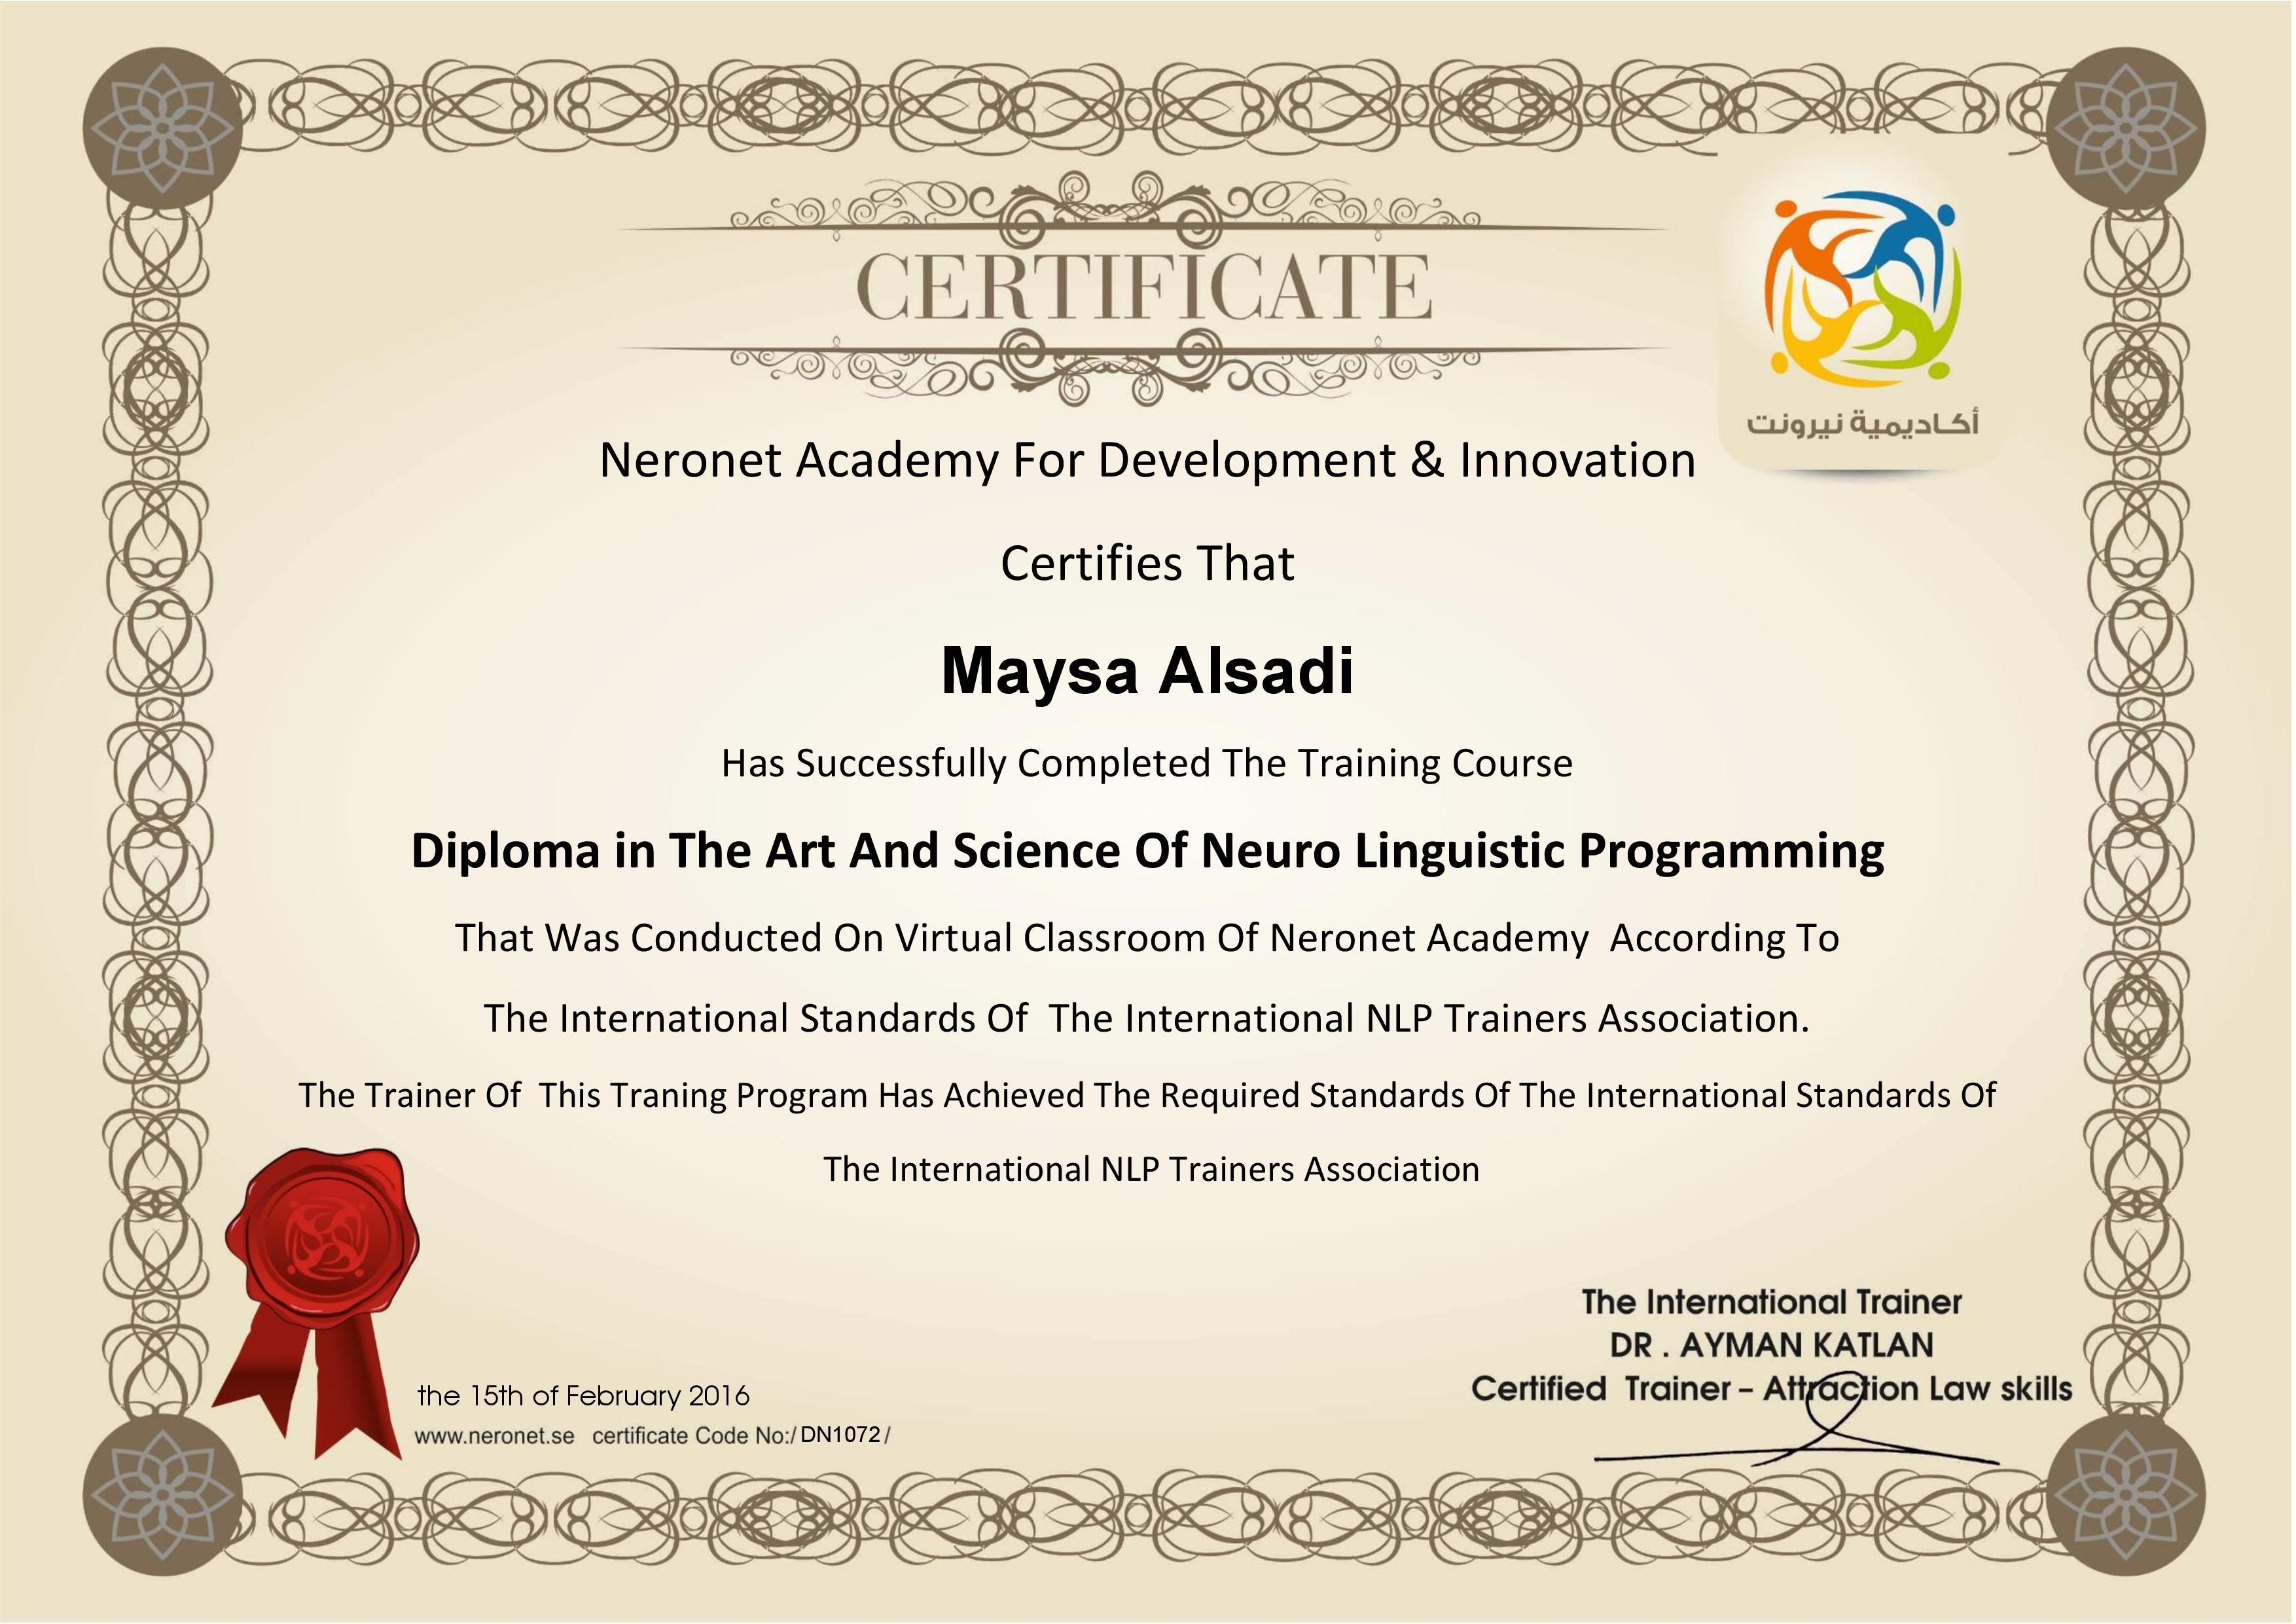 شهادة دبلوم البرمجة اللغوية العصبية من نيرونت